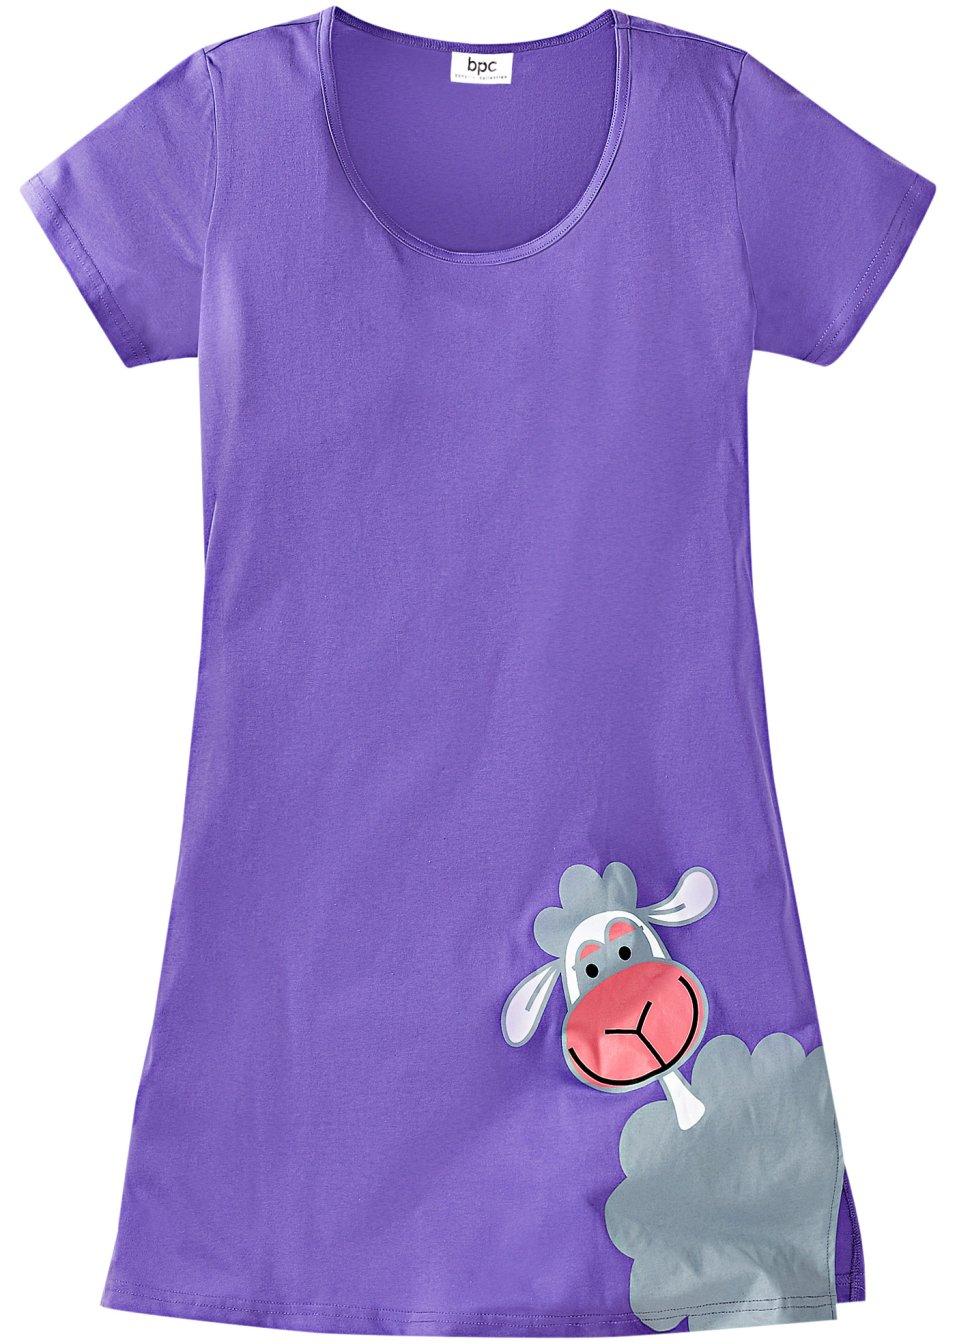 Chemise de nuit violet clair bpc bonprix collection commande online bonpr - Bonprix suivi de commande ...